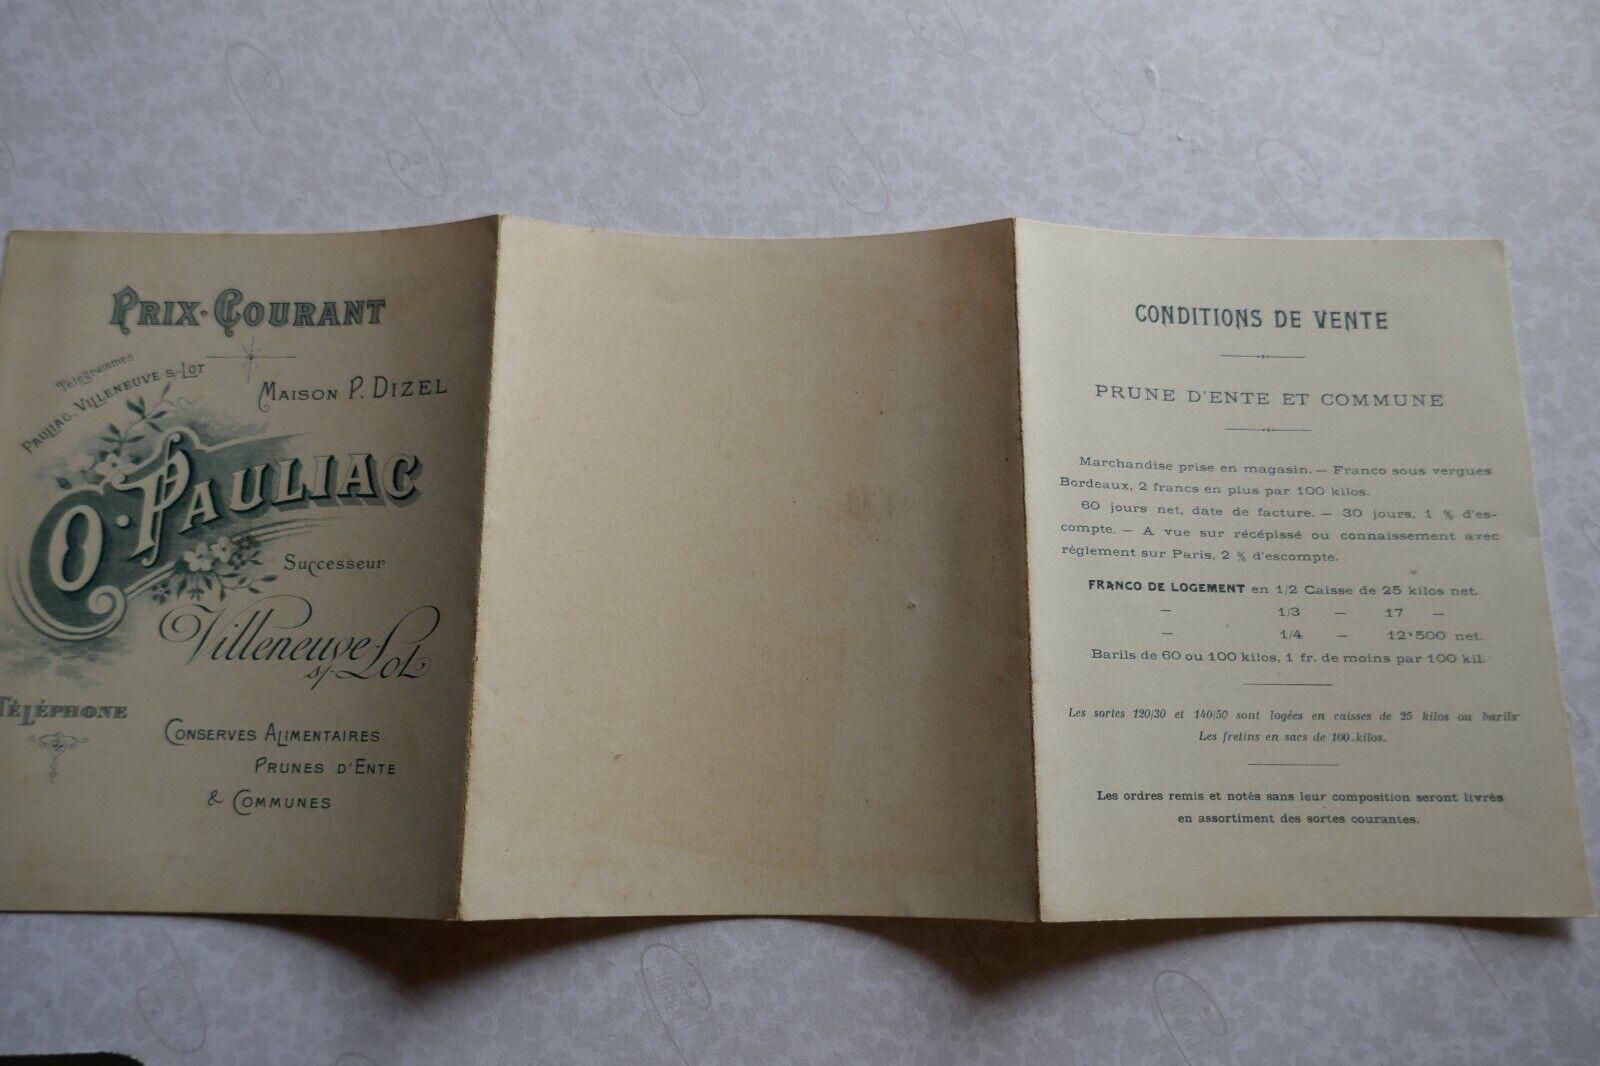 O.PAULIAC maison P.DIZEL  Villeneuve sur Lot 47 TARIF 1900 vierge  PRUNES D'ENTE